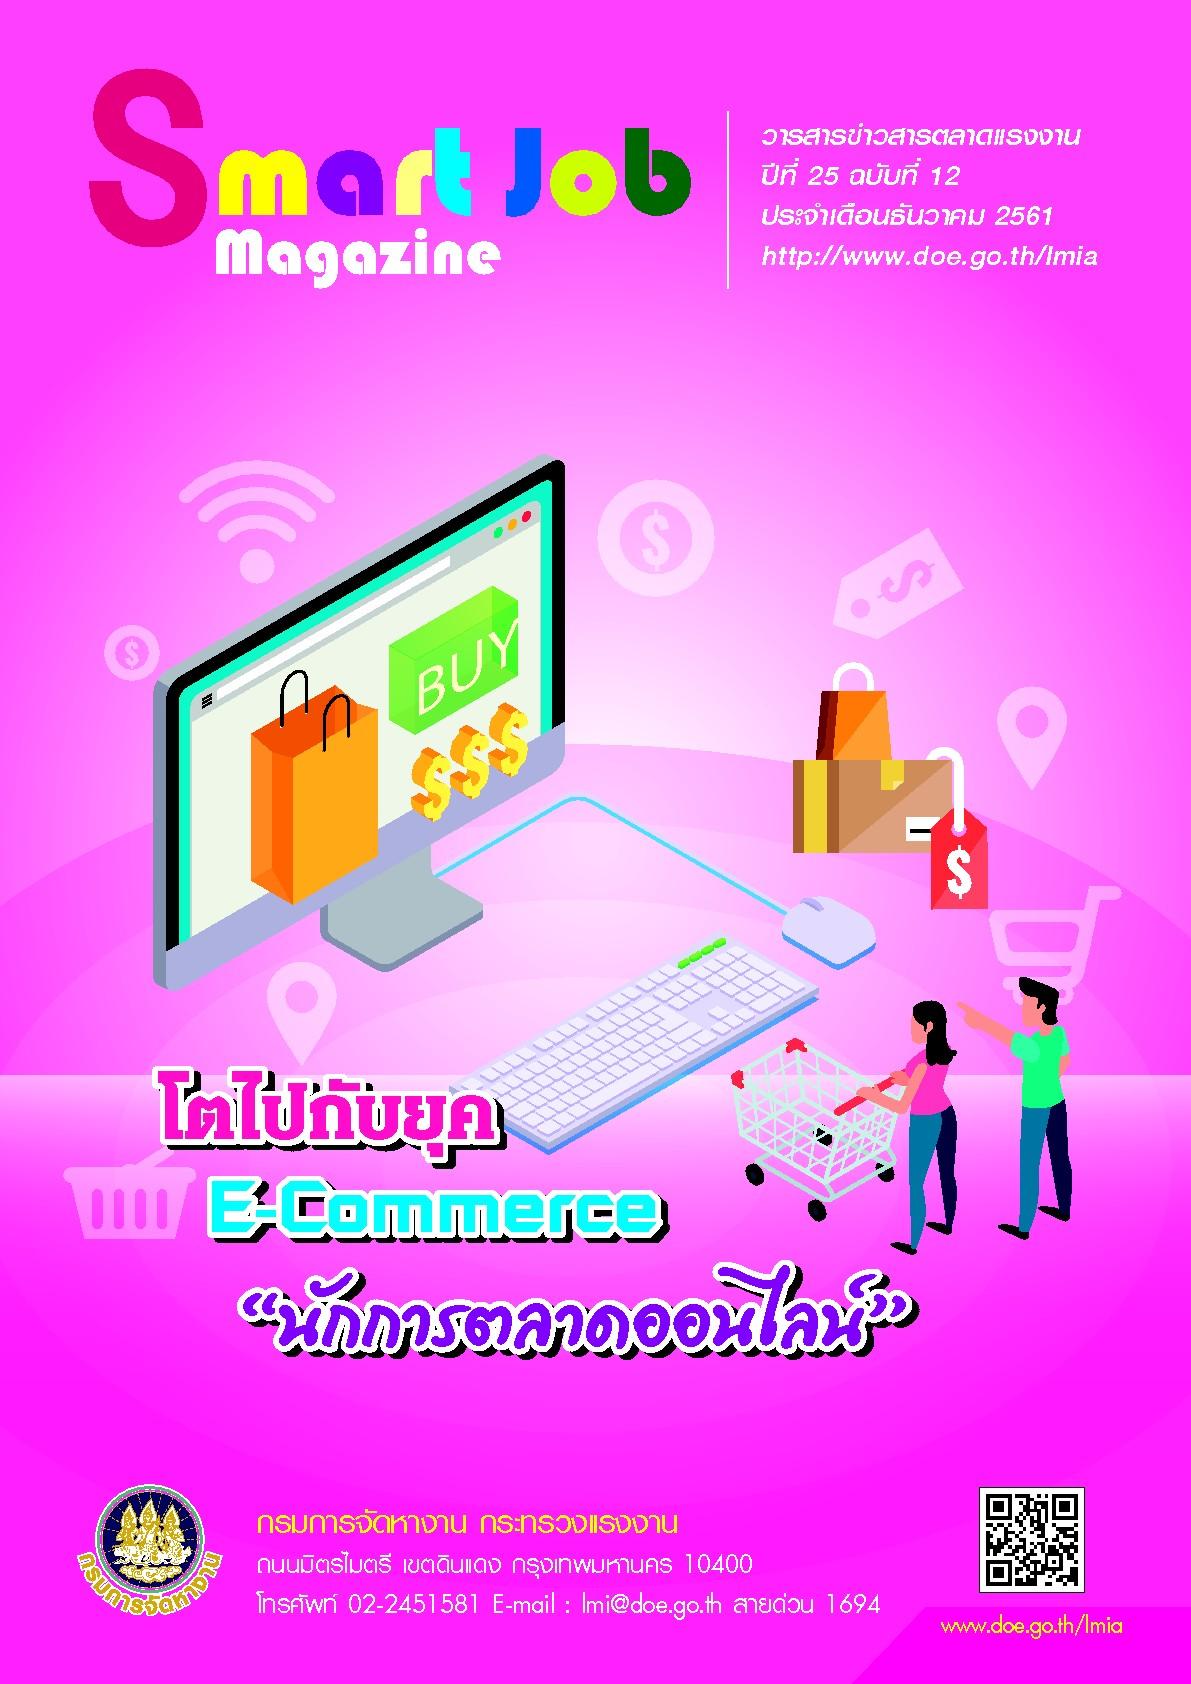 วารสารข่าวสารตลาดแรงงาน ปีที่ 25 ฉบับที่ 12 เดือนธันวาคม 2561